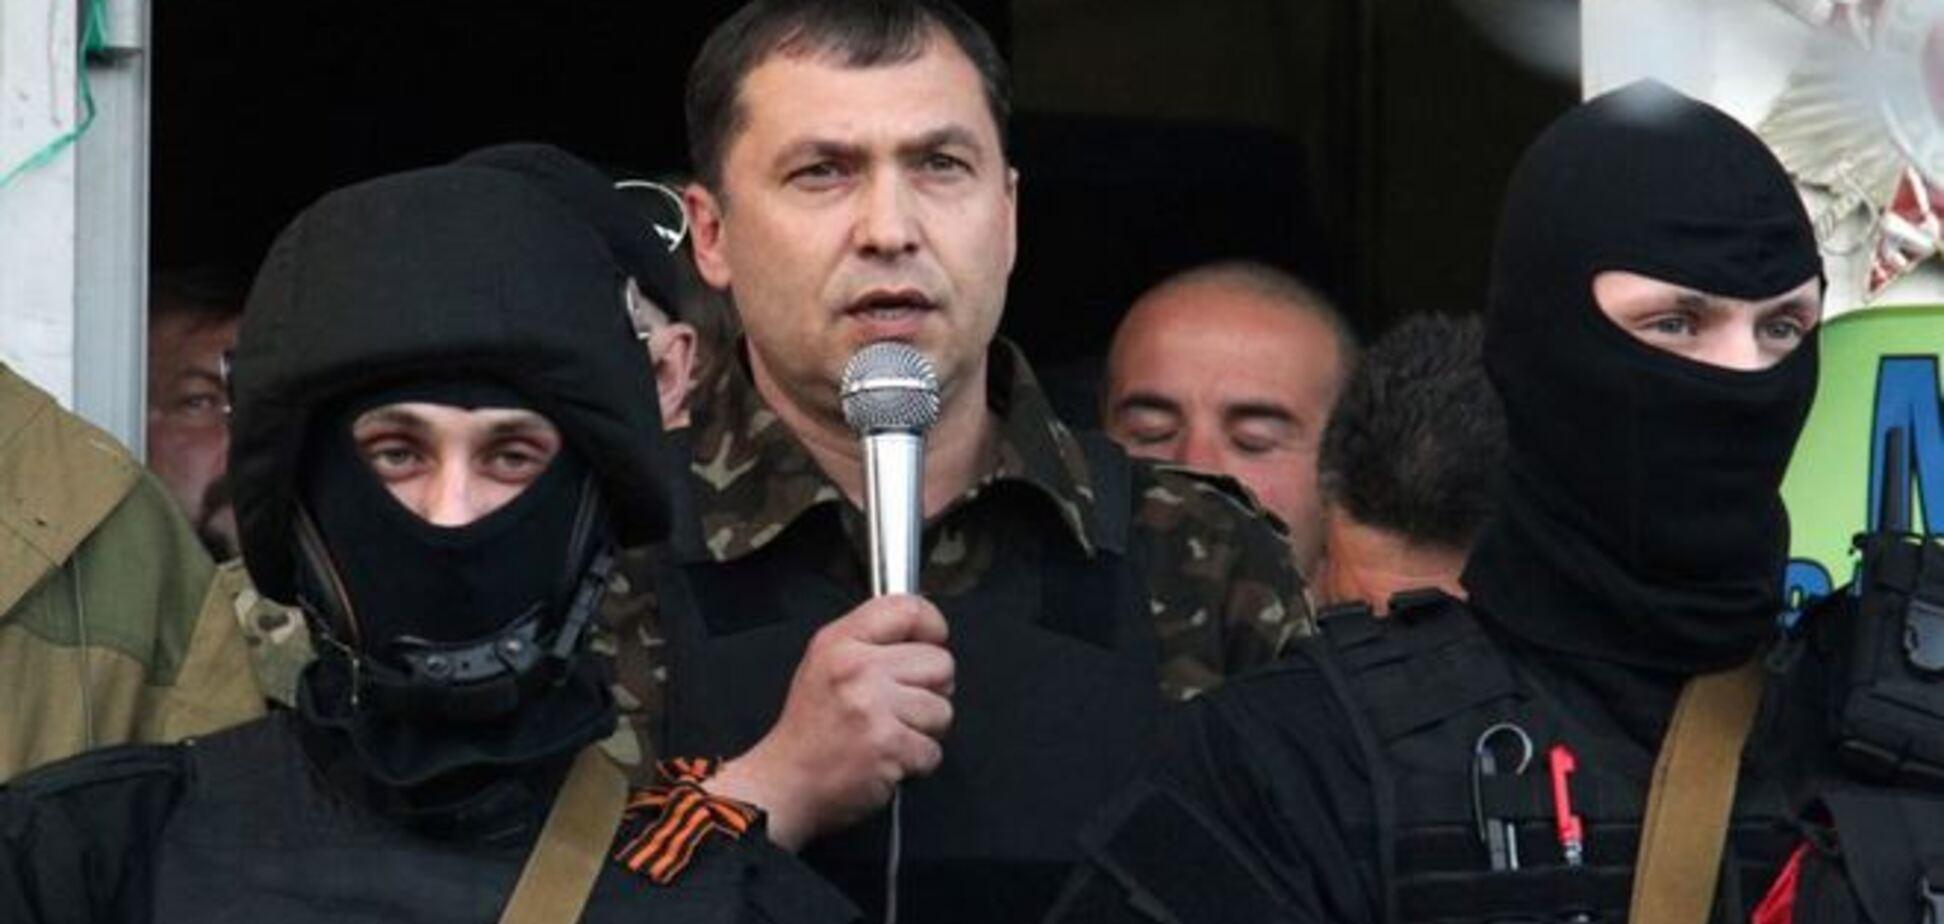 Луганские террористы анонсируют взрывы на избирательных участках в день голосования